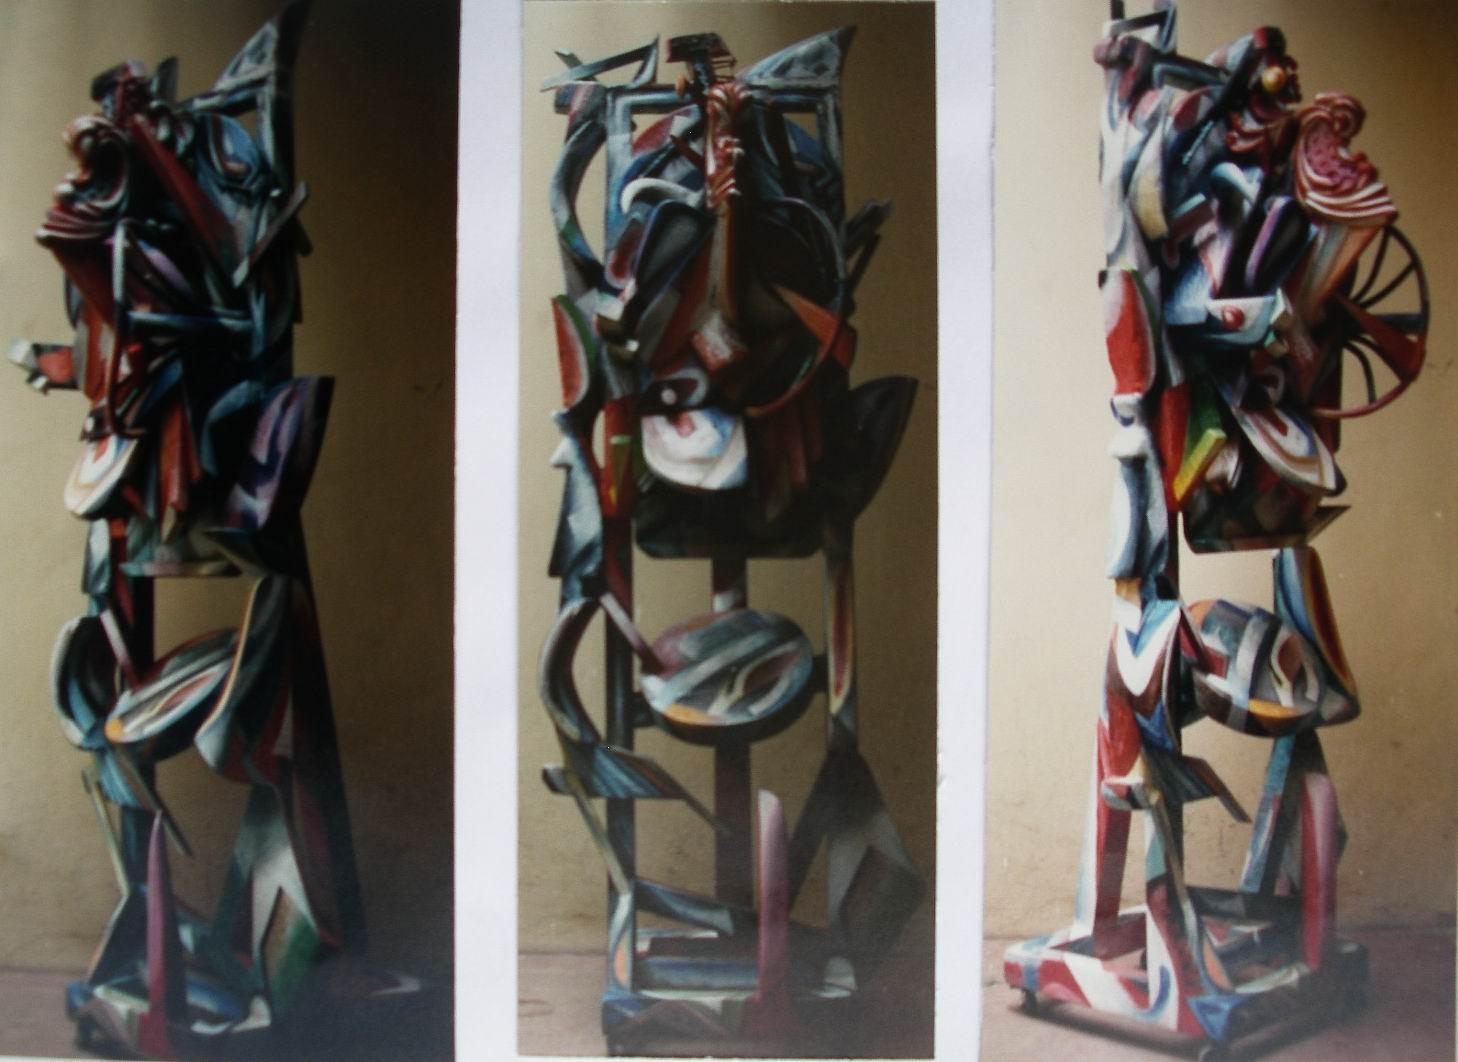 1986-1-el-nacimiento-assemblaggio-scultorico-policromato-managua-nicaragua